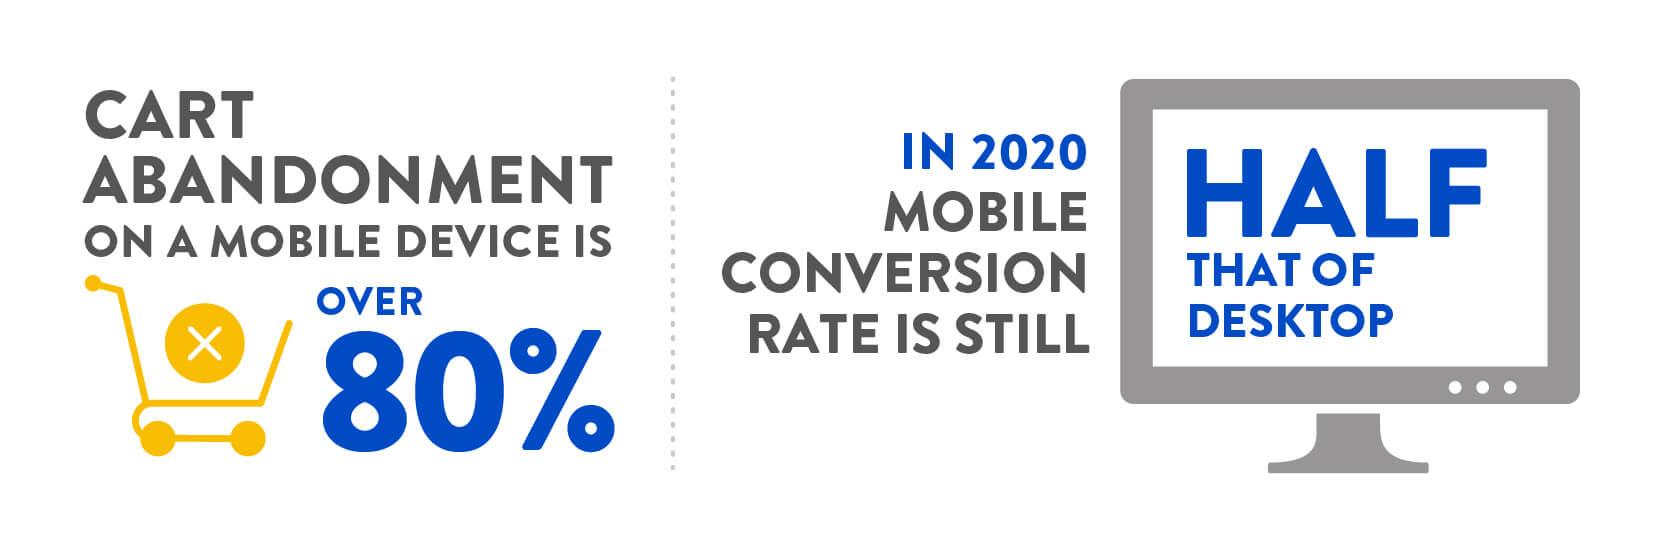 Digivante Infographic - Cart Abondonment on Mobile vs Desktop